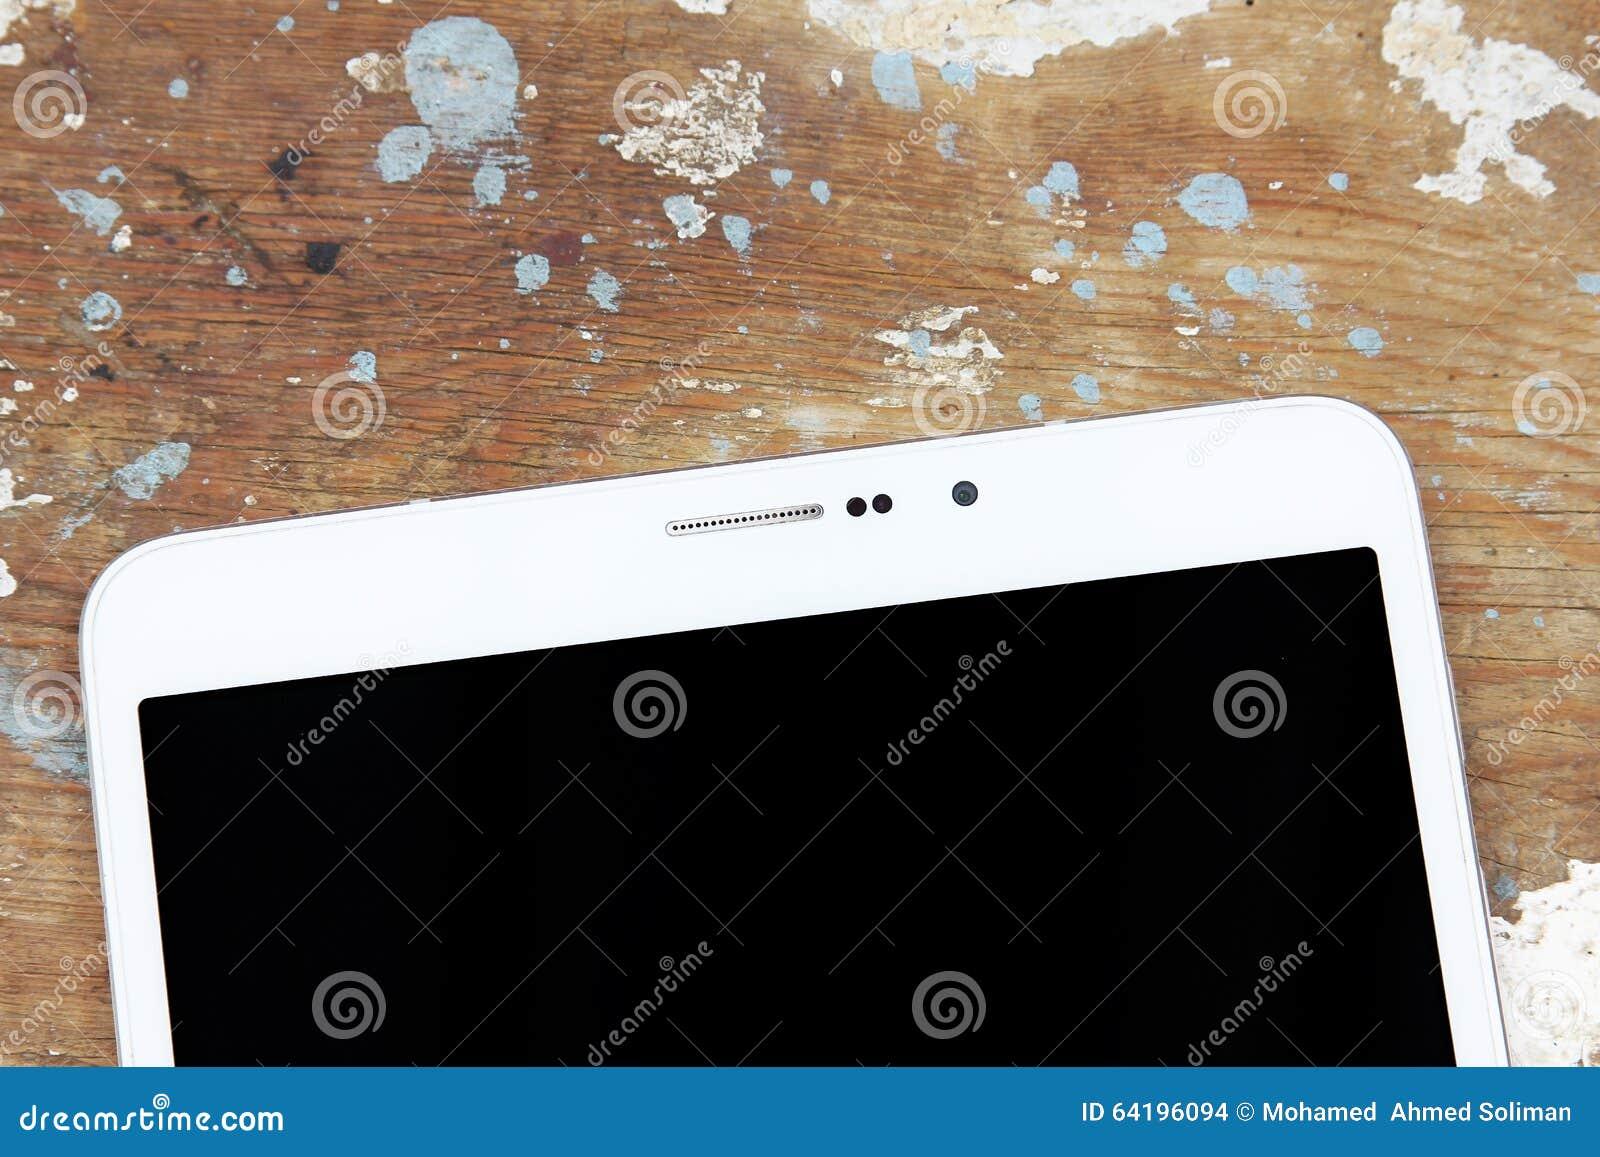 Die Pfeile sind auf unterschiedlicher Schicht, also können Sie sie löschen Sie wenn nur Notwendigkeit die Tablette